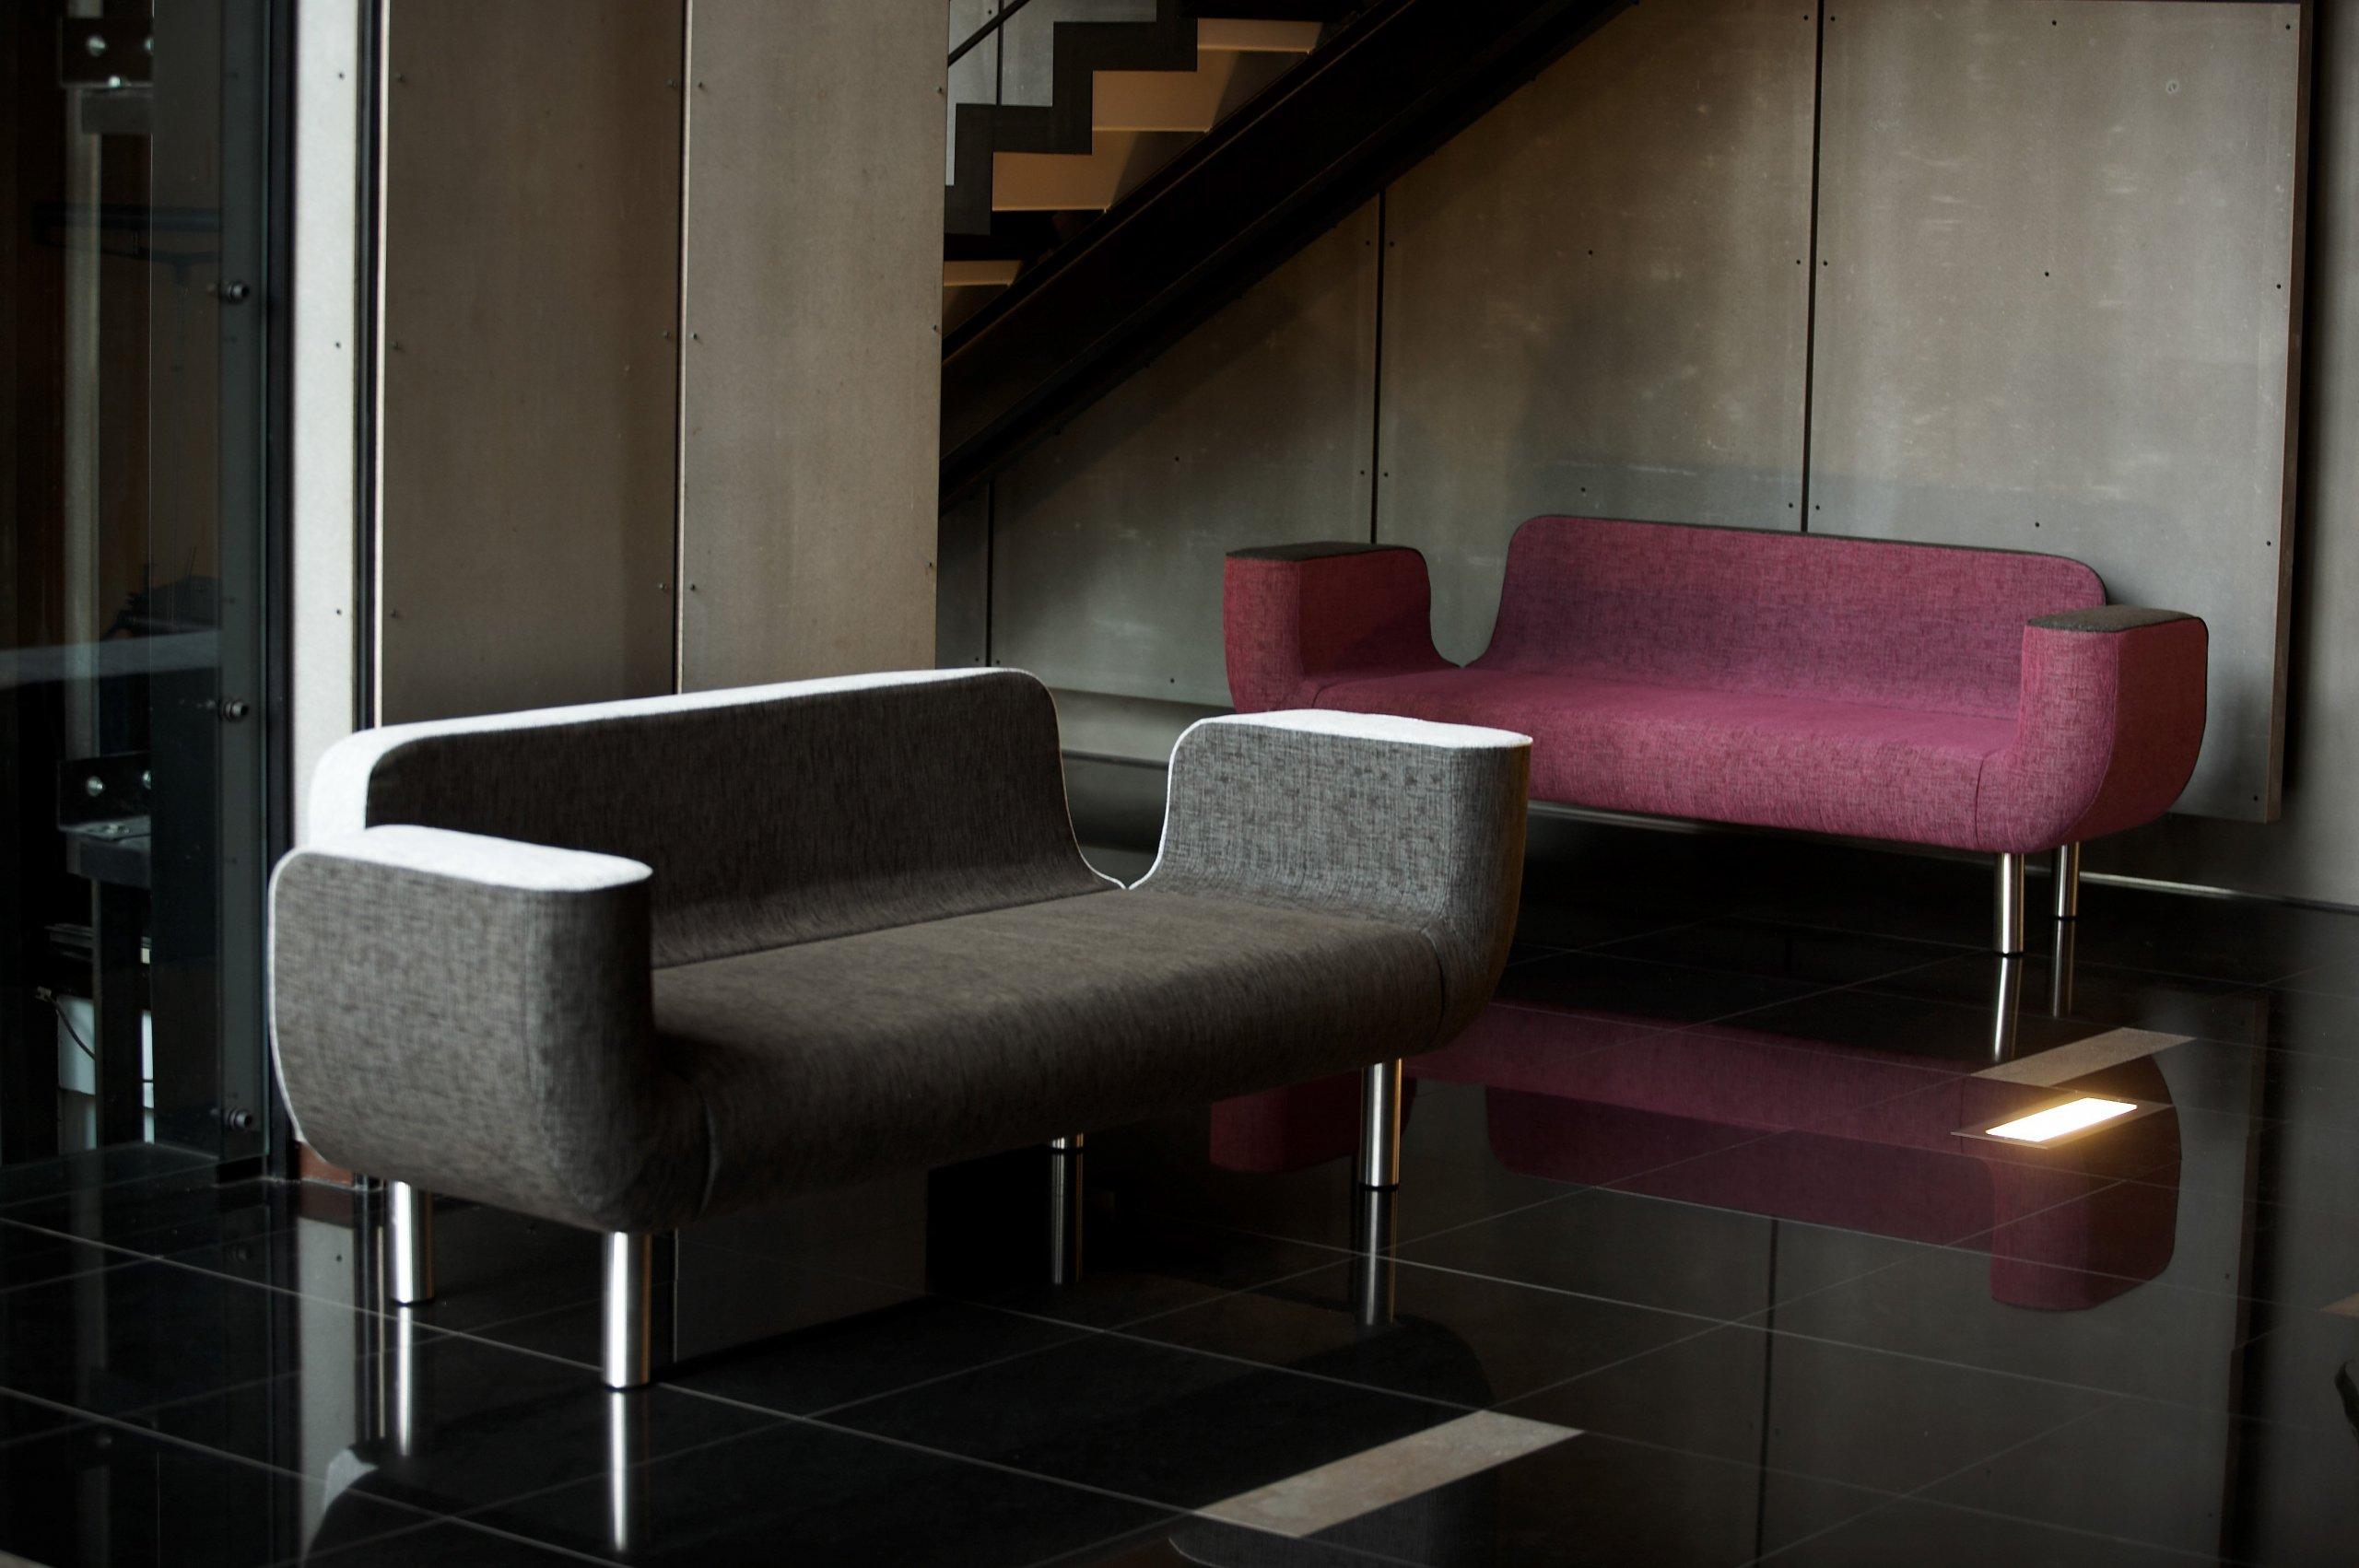 První sofa navržené tak, aby bylo krásné ze všech stran.  Osobitý tvar, nízký hluboký sed a harmonie detailů této pohovky jsou návrhem uznávaného českého…